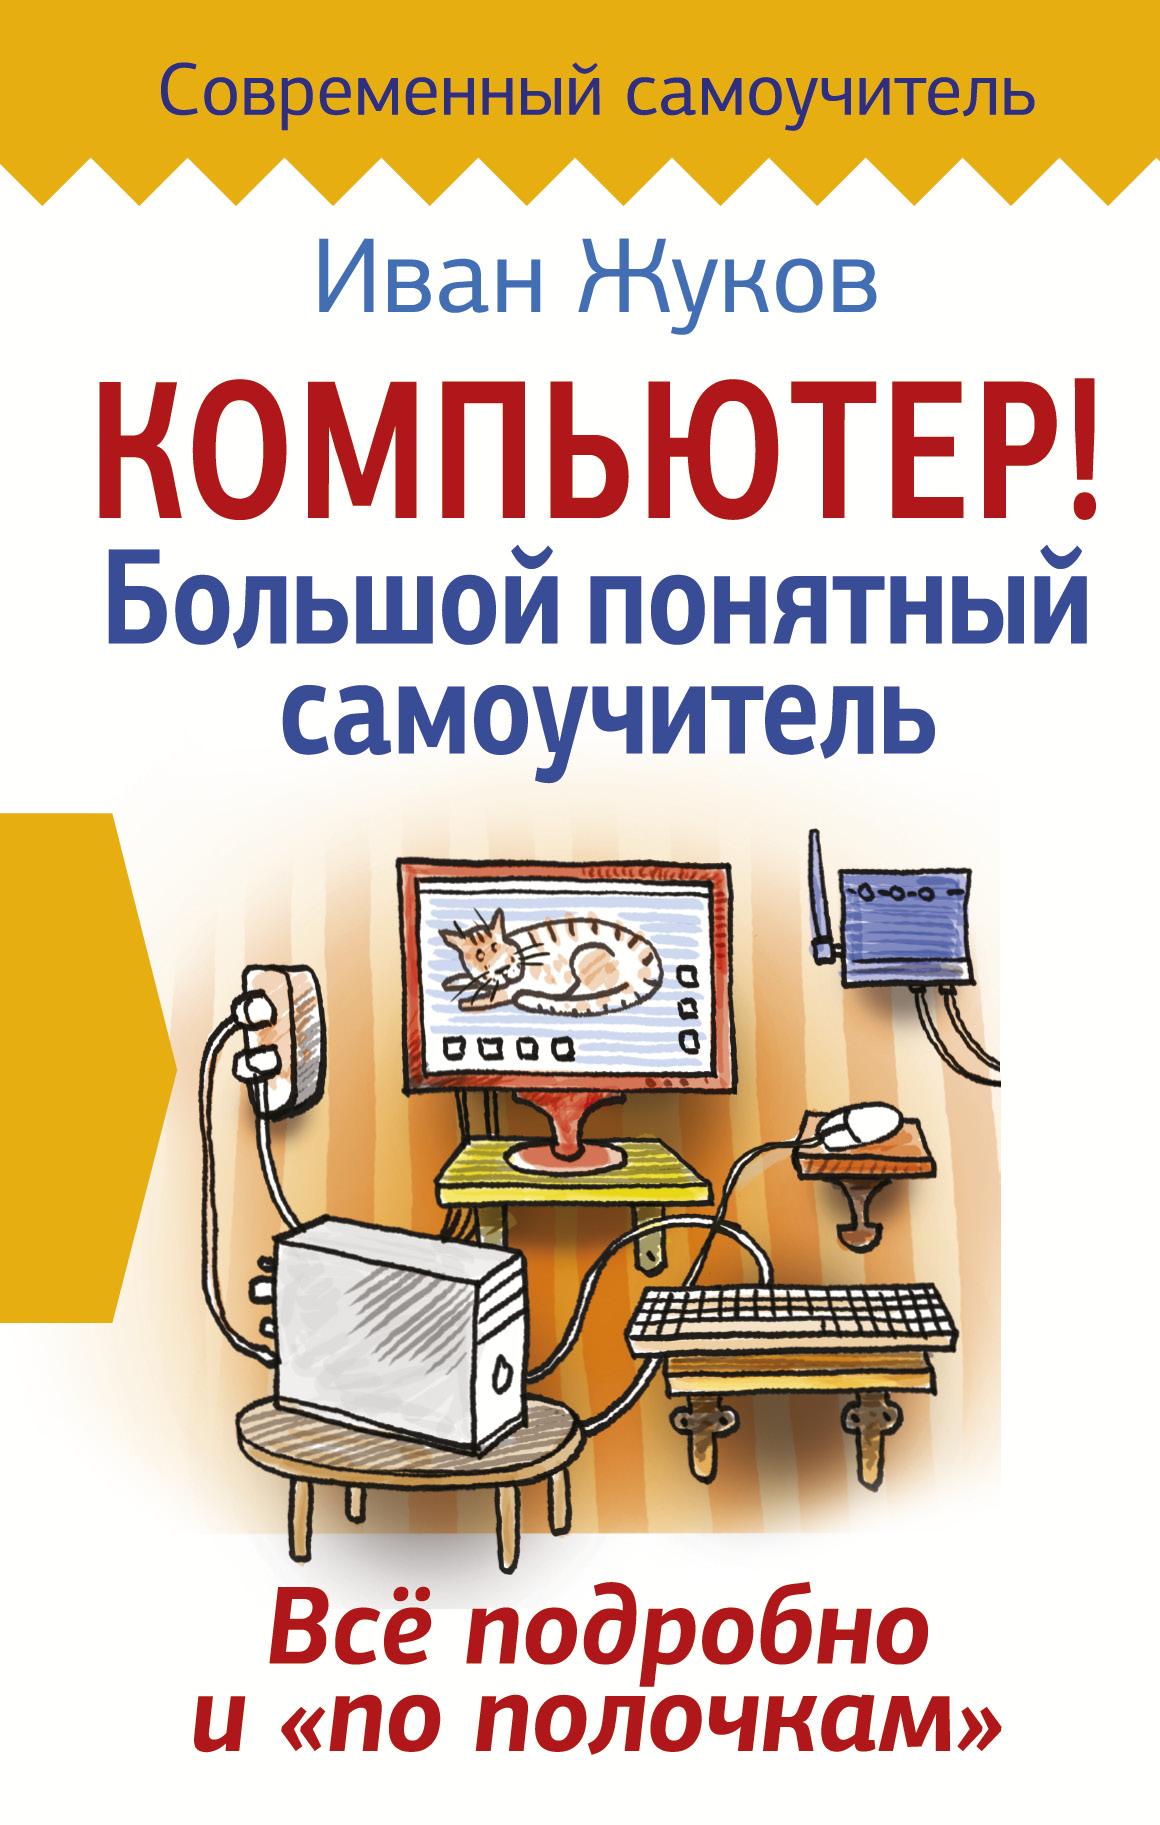 Компьютер! Большой понятный самоучитель. Все подробно и «по полочкам» от book24.ru